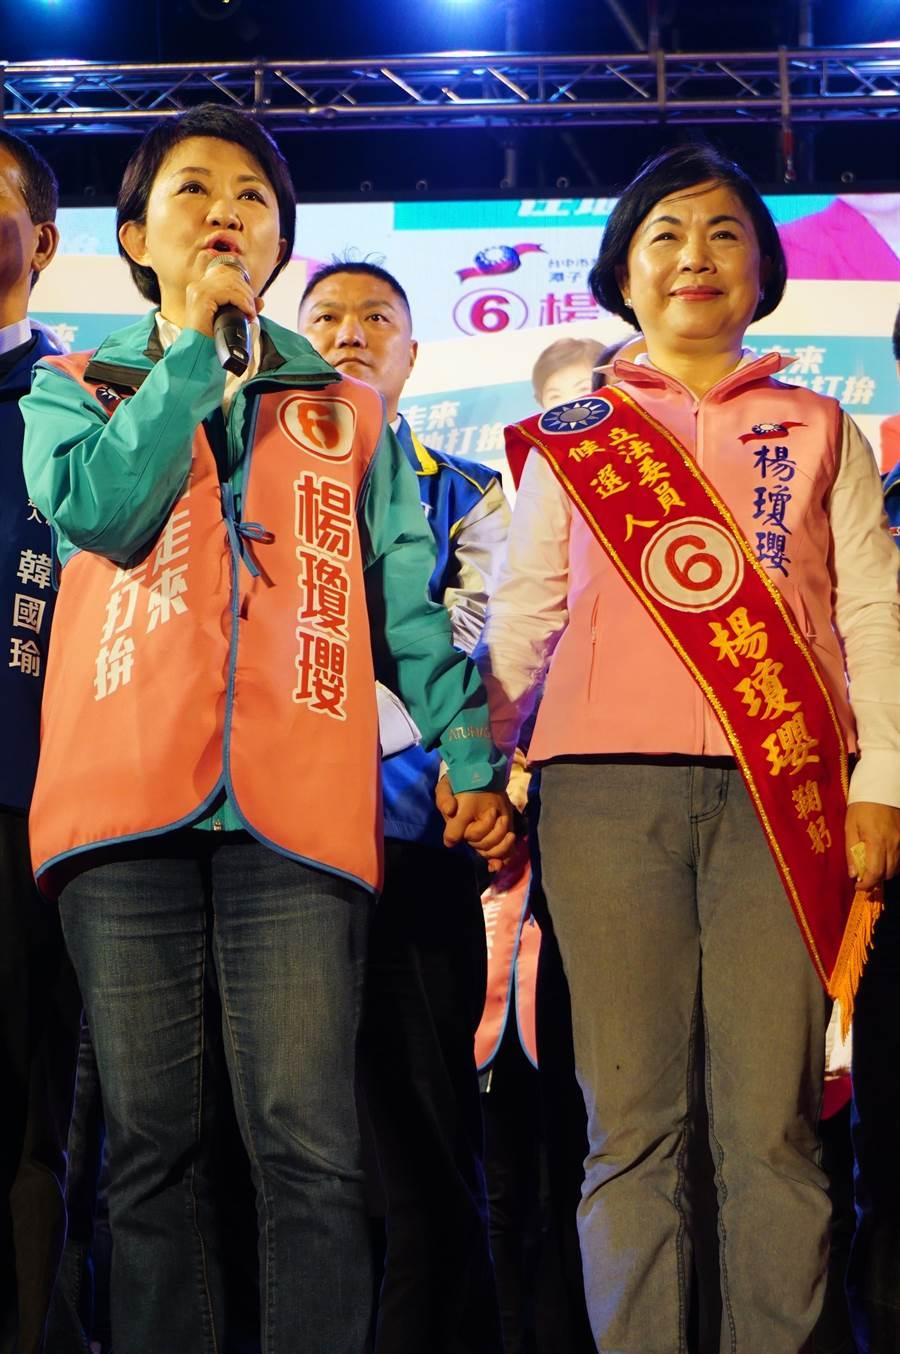 台中市長盧秀燕(左)牽著楊瓊瓔(右)的手,籲支持者力挺楊瓊瓔進軍立法院,在中央替台中人民發聲。(王文吉攝)